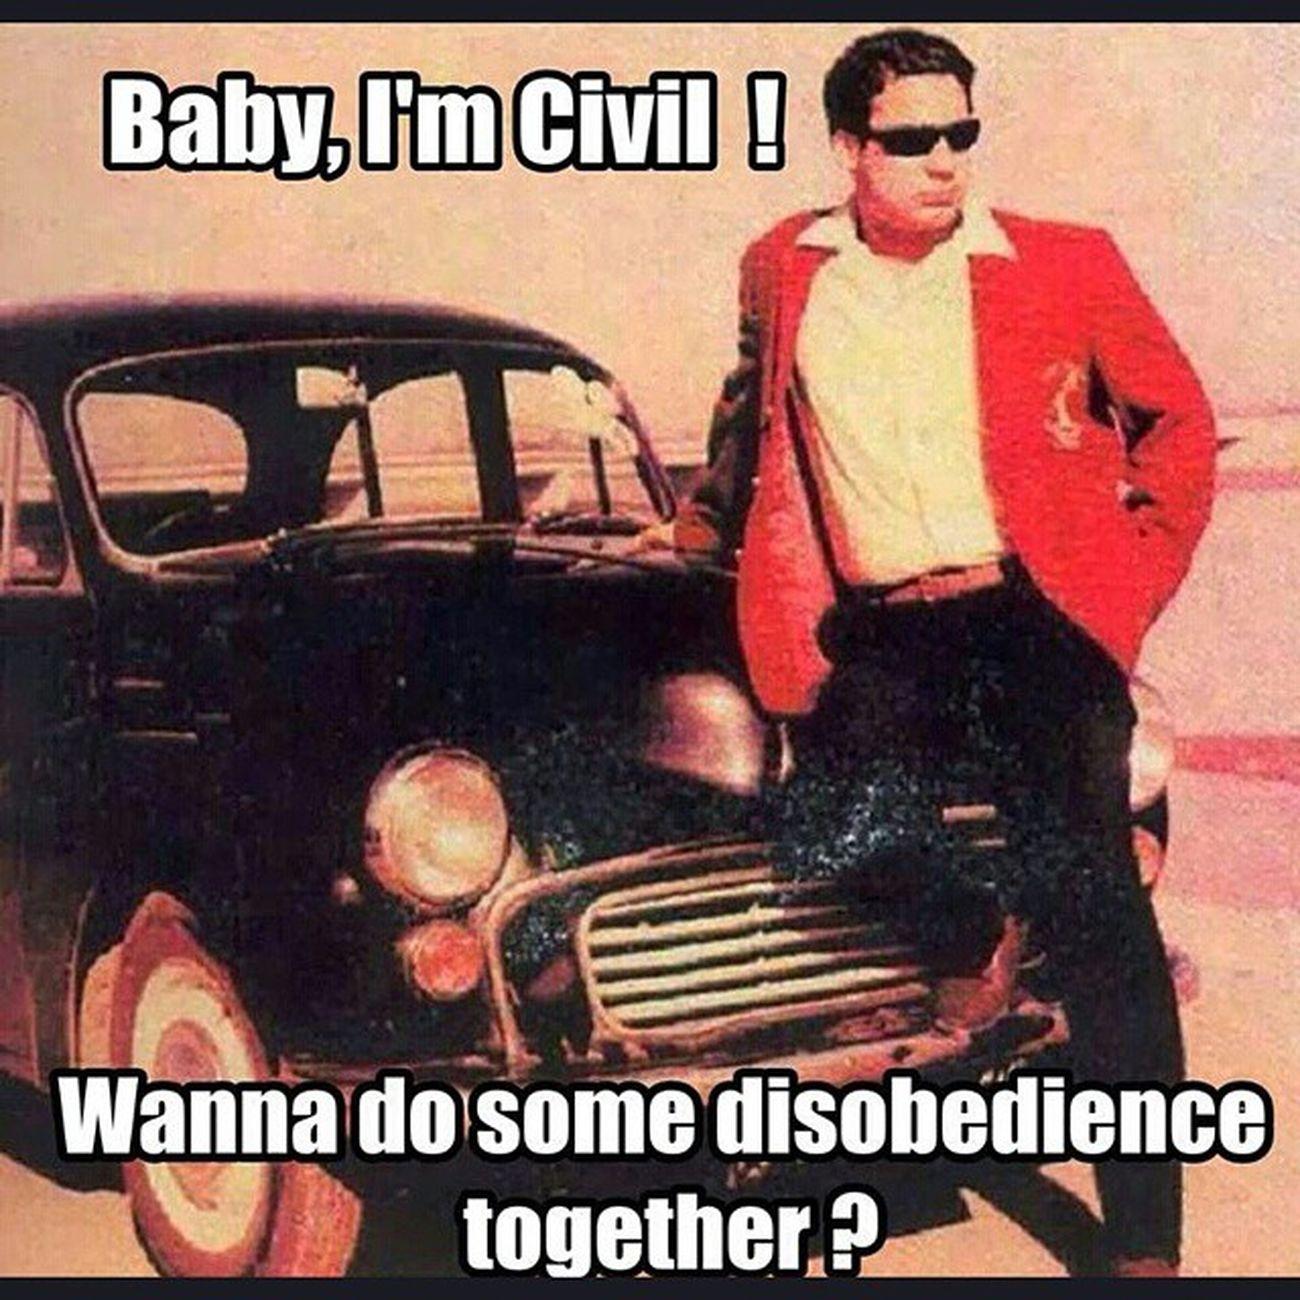 Civildisobeediaaance let's do this. Haha